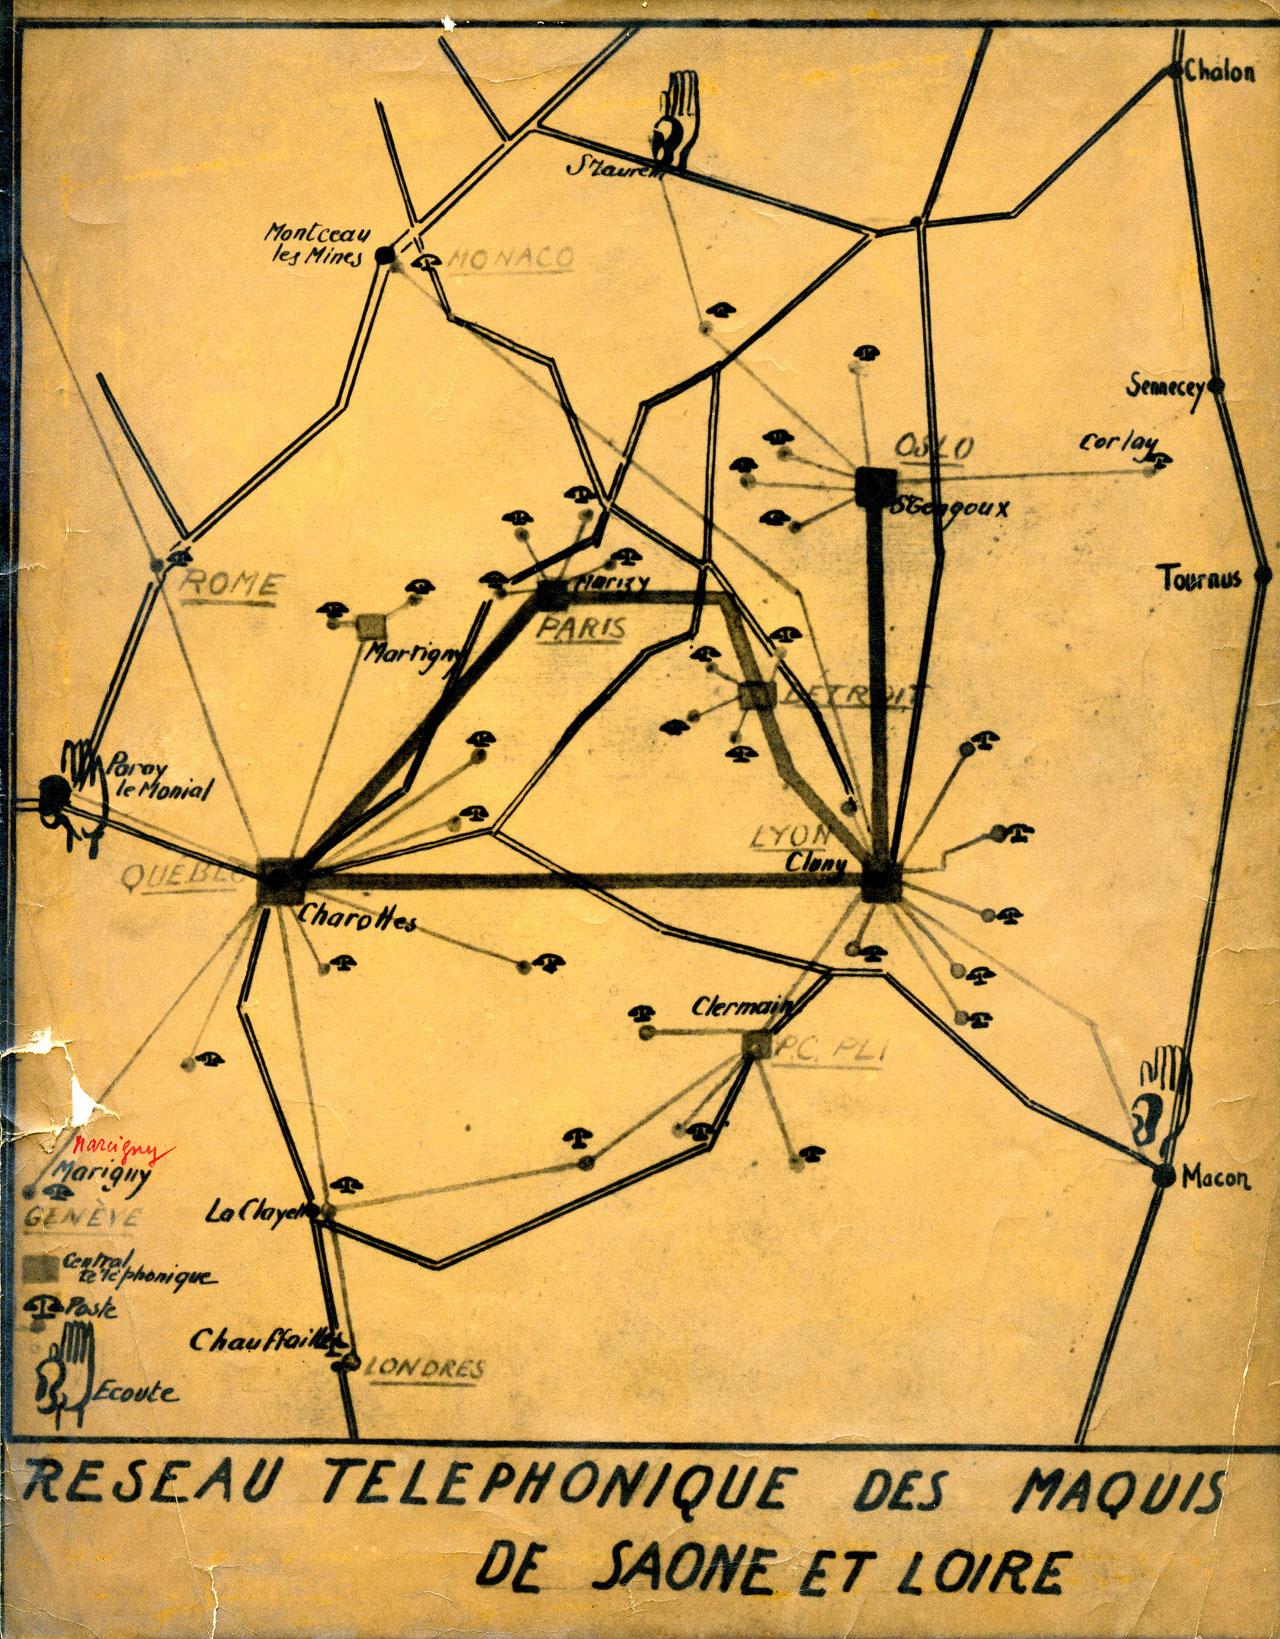 archives71-reseau-telephonique-maquis-saone-et-loire